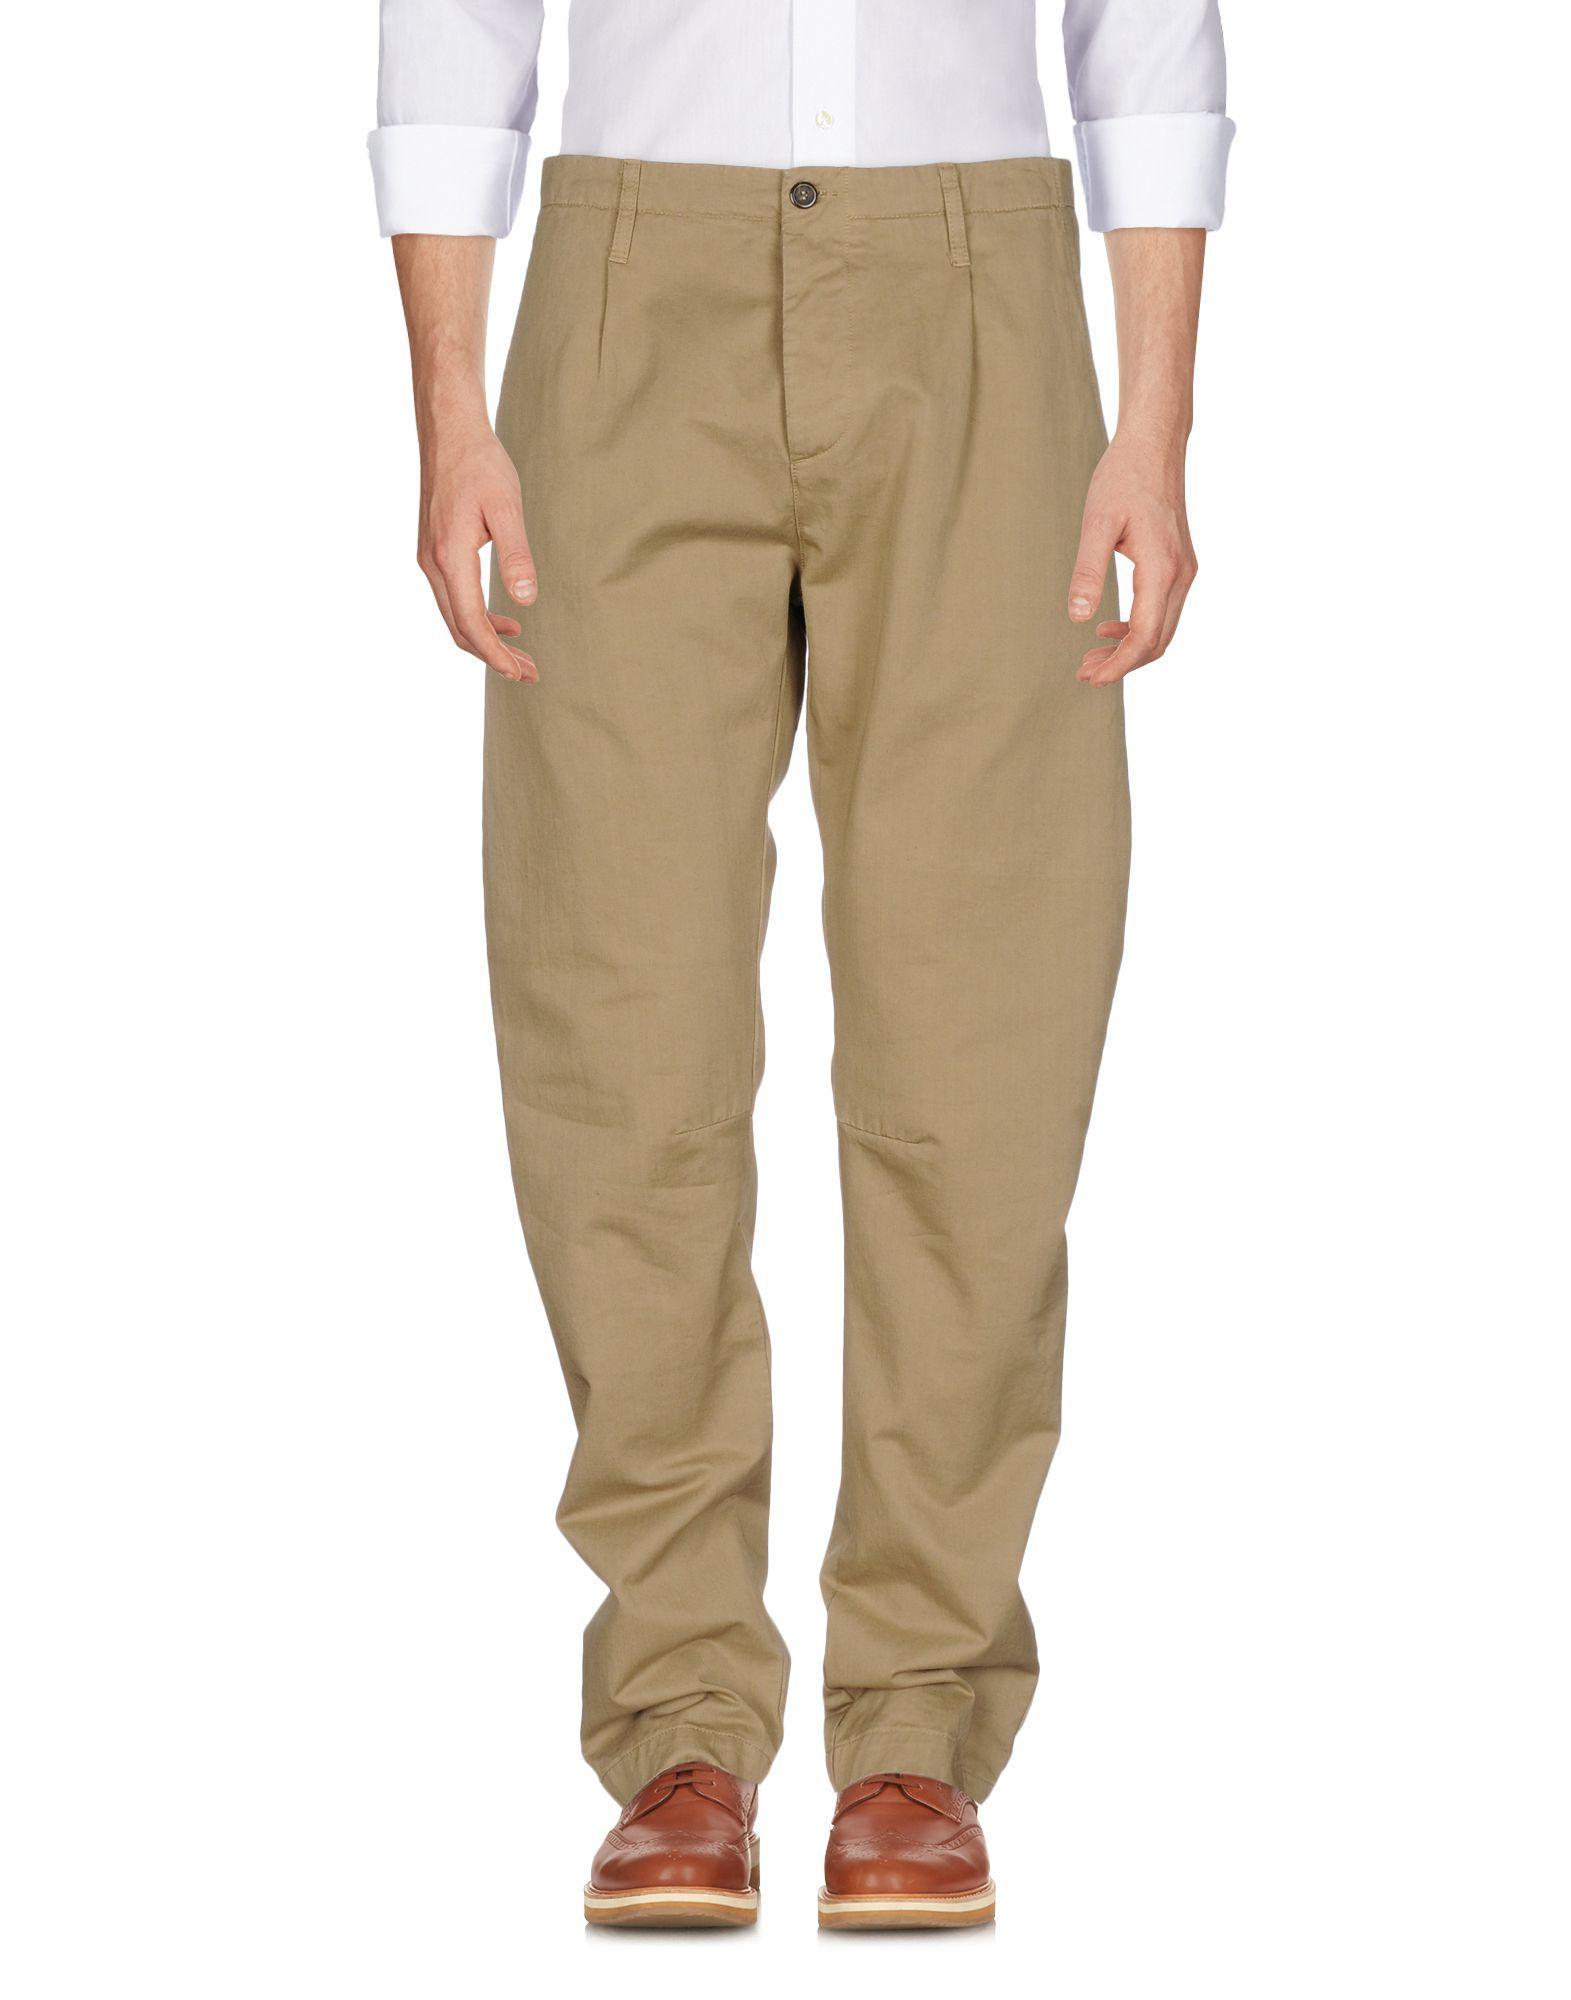 Novemb3r Casual Pants In Beige